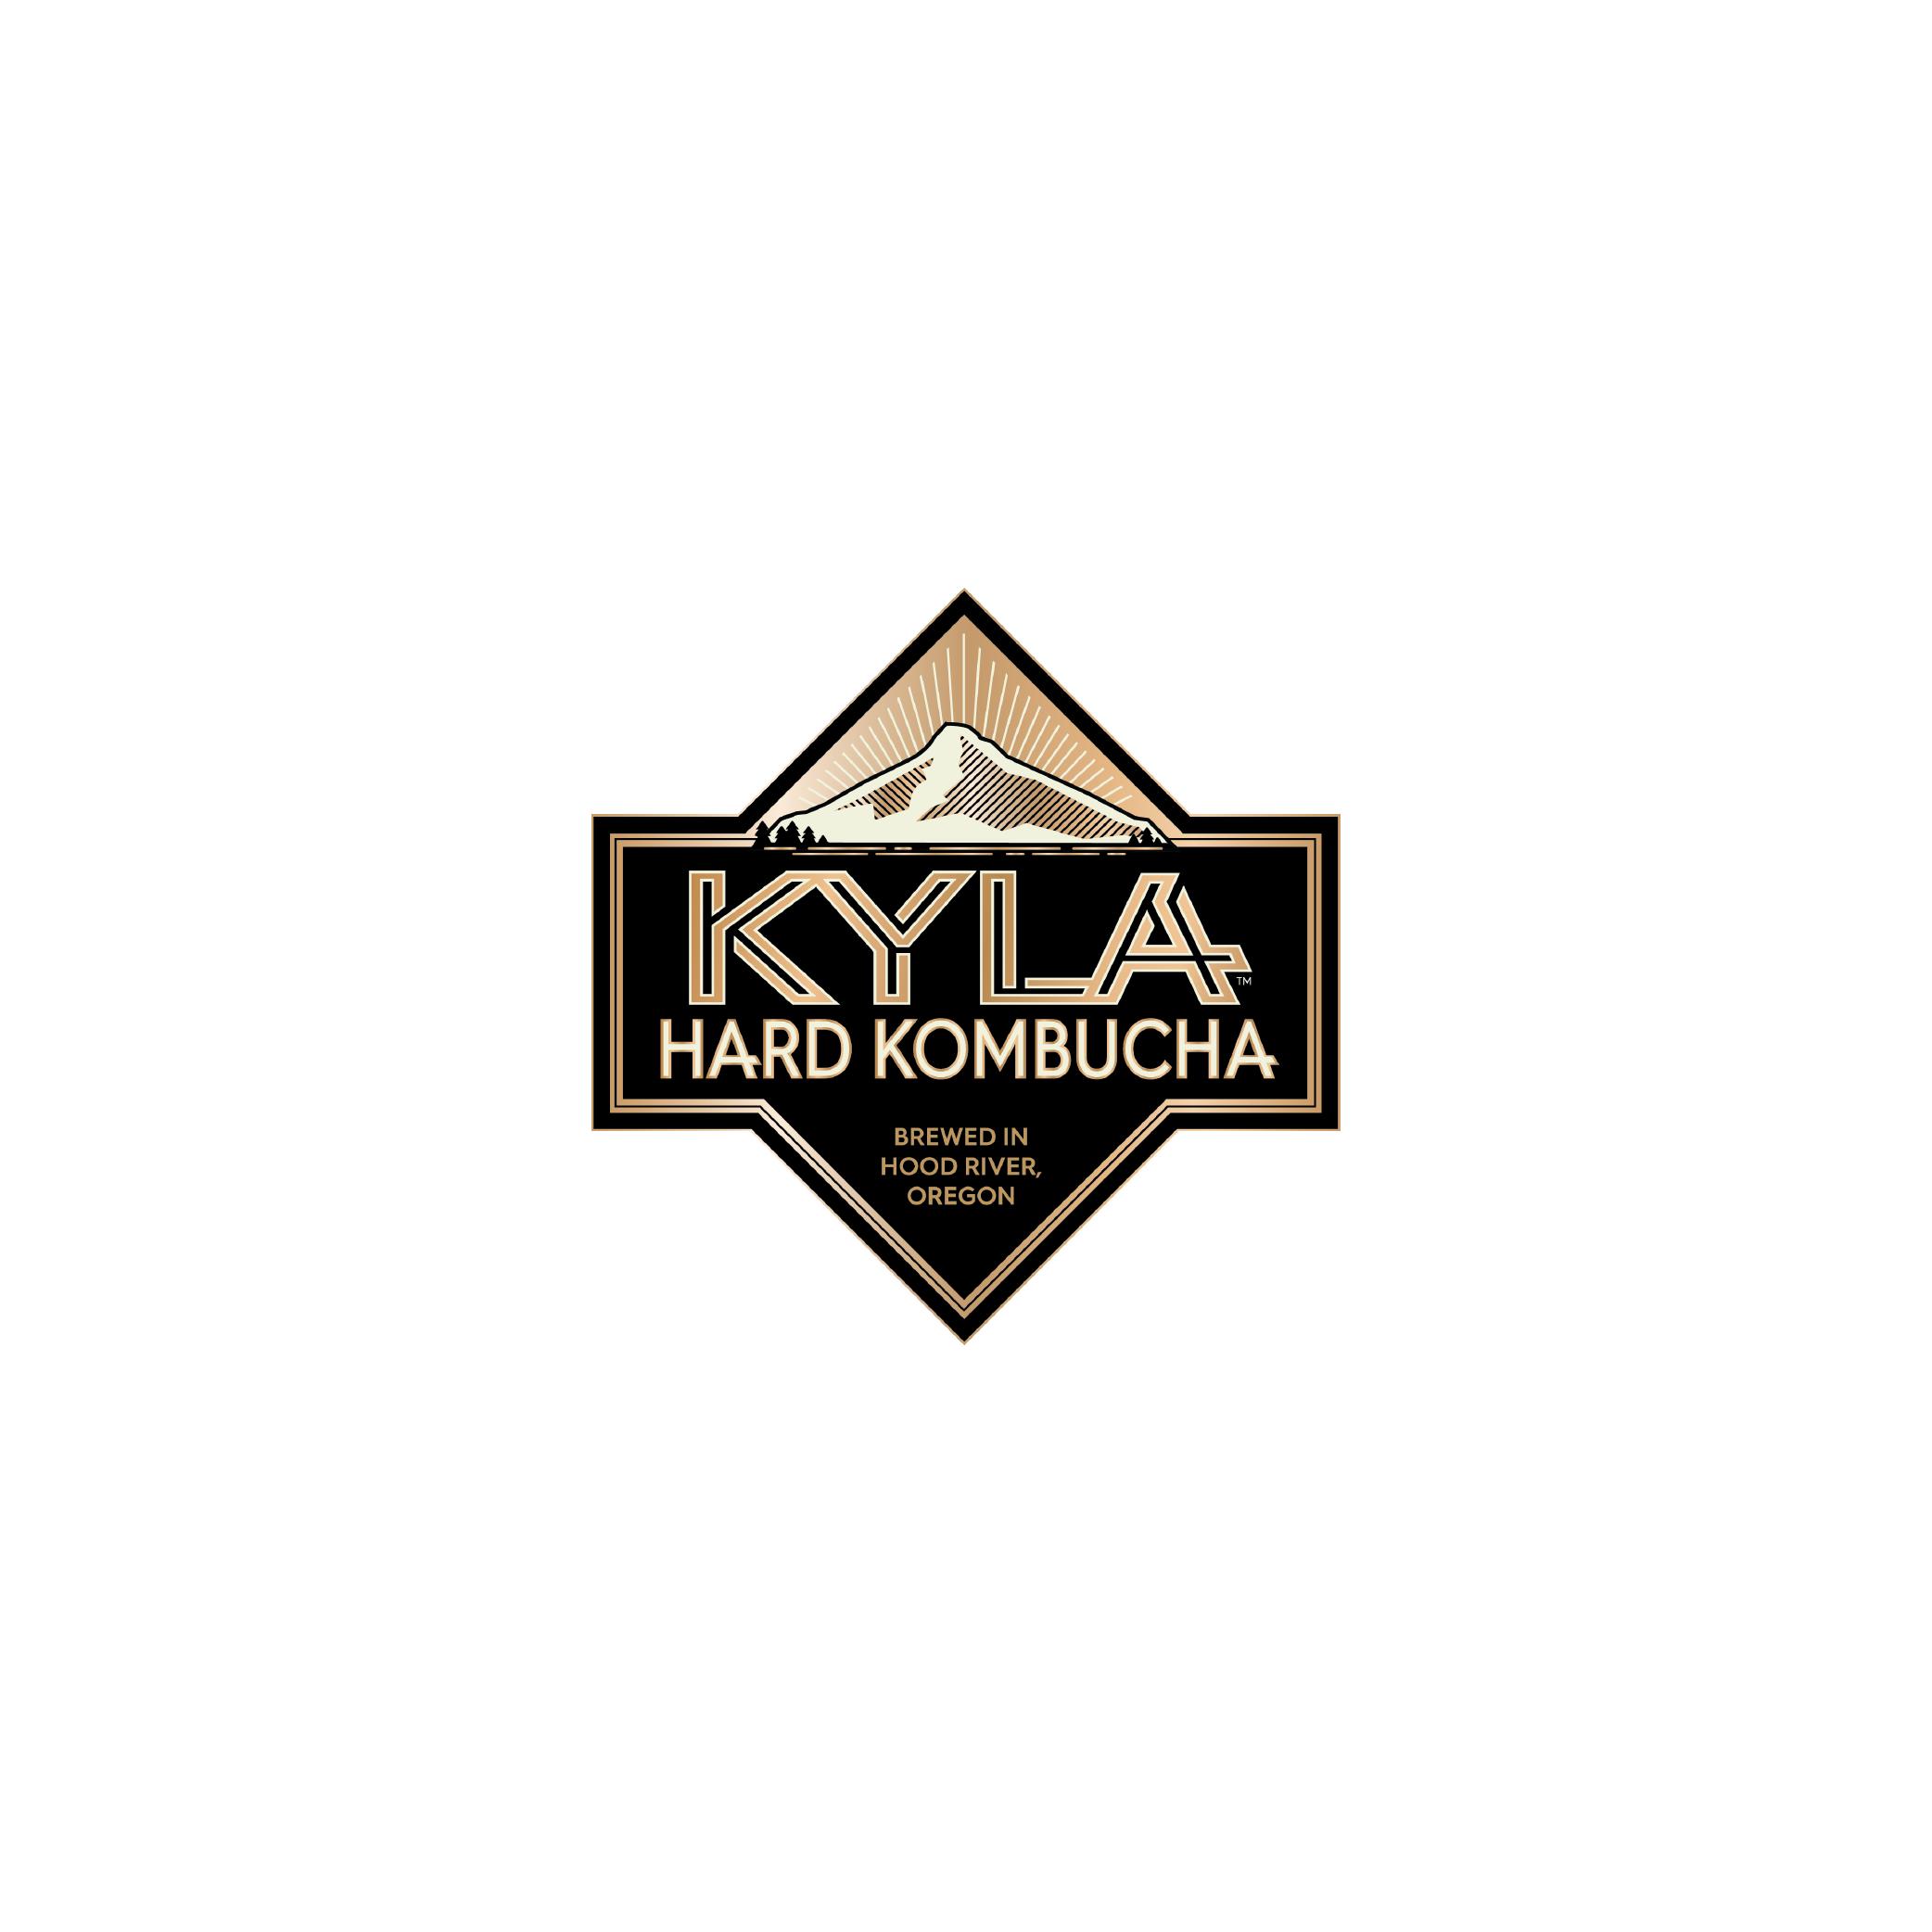 Kyla Kombucha